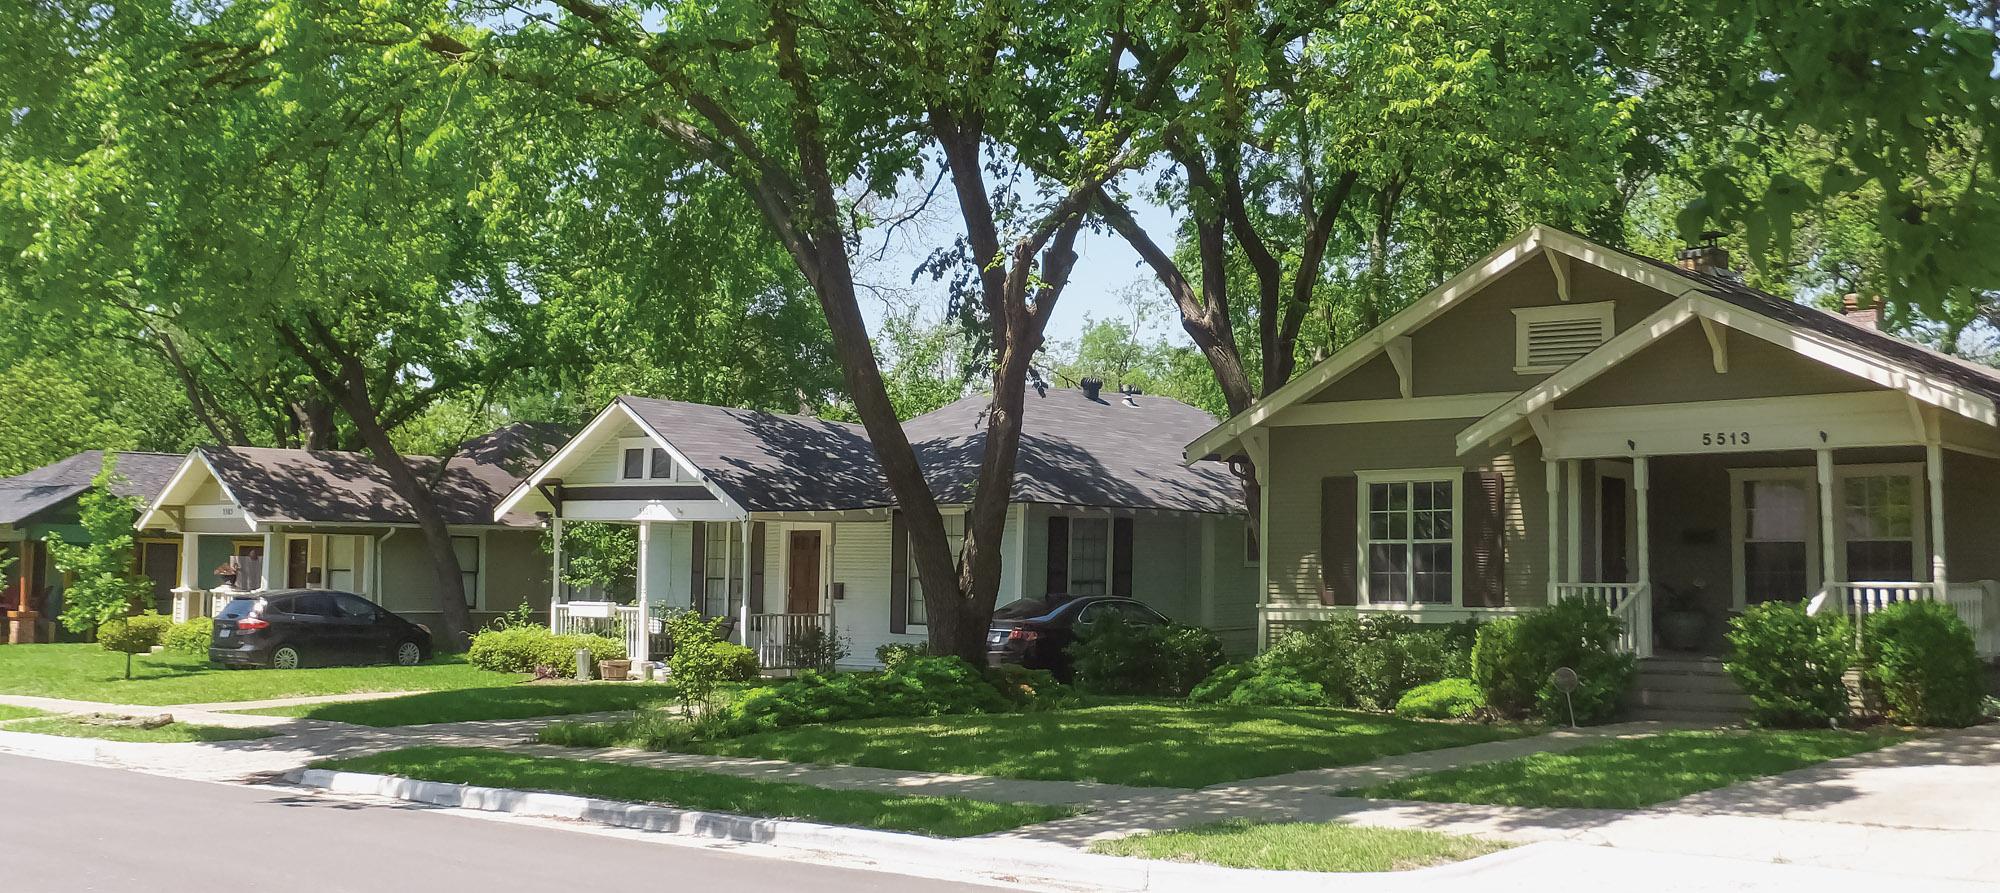 Texas Bungalow Neighborhoods